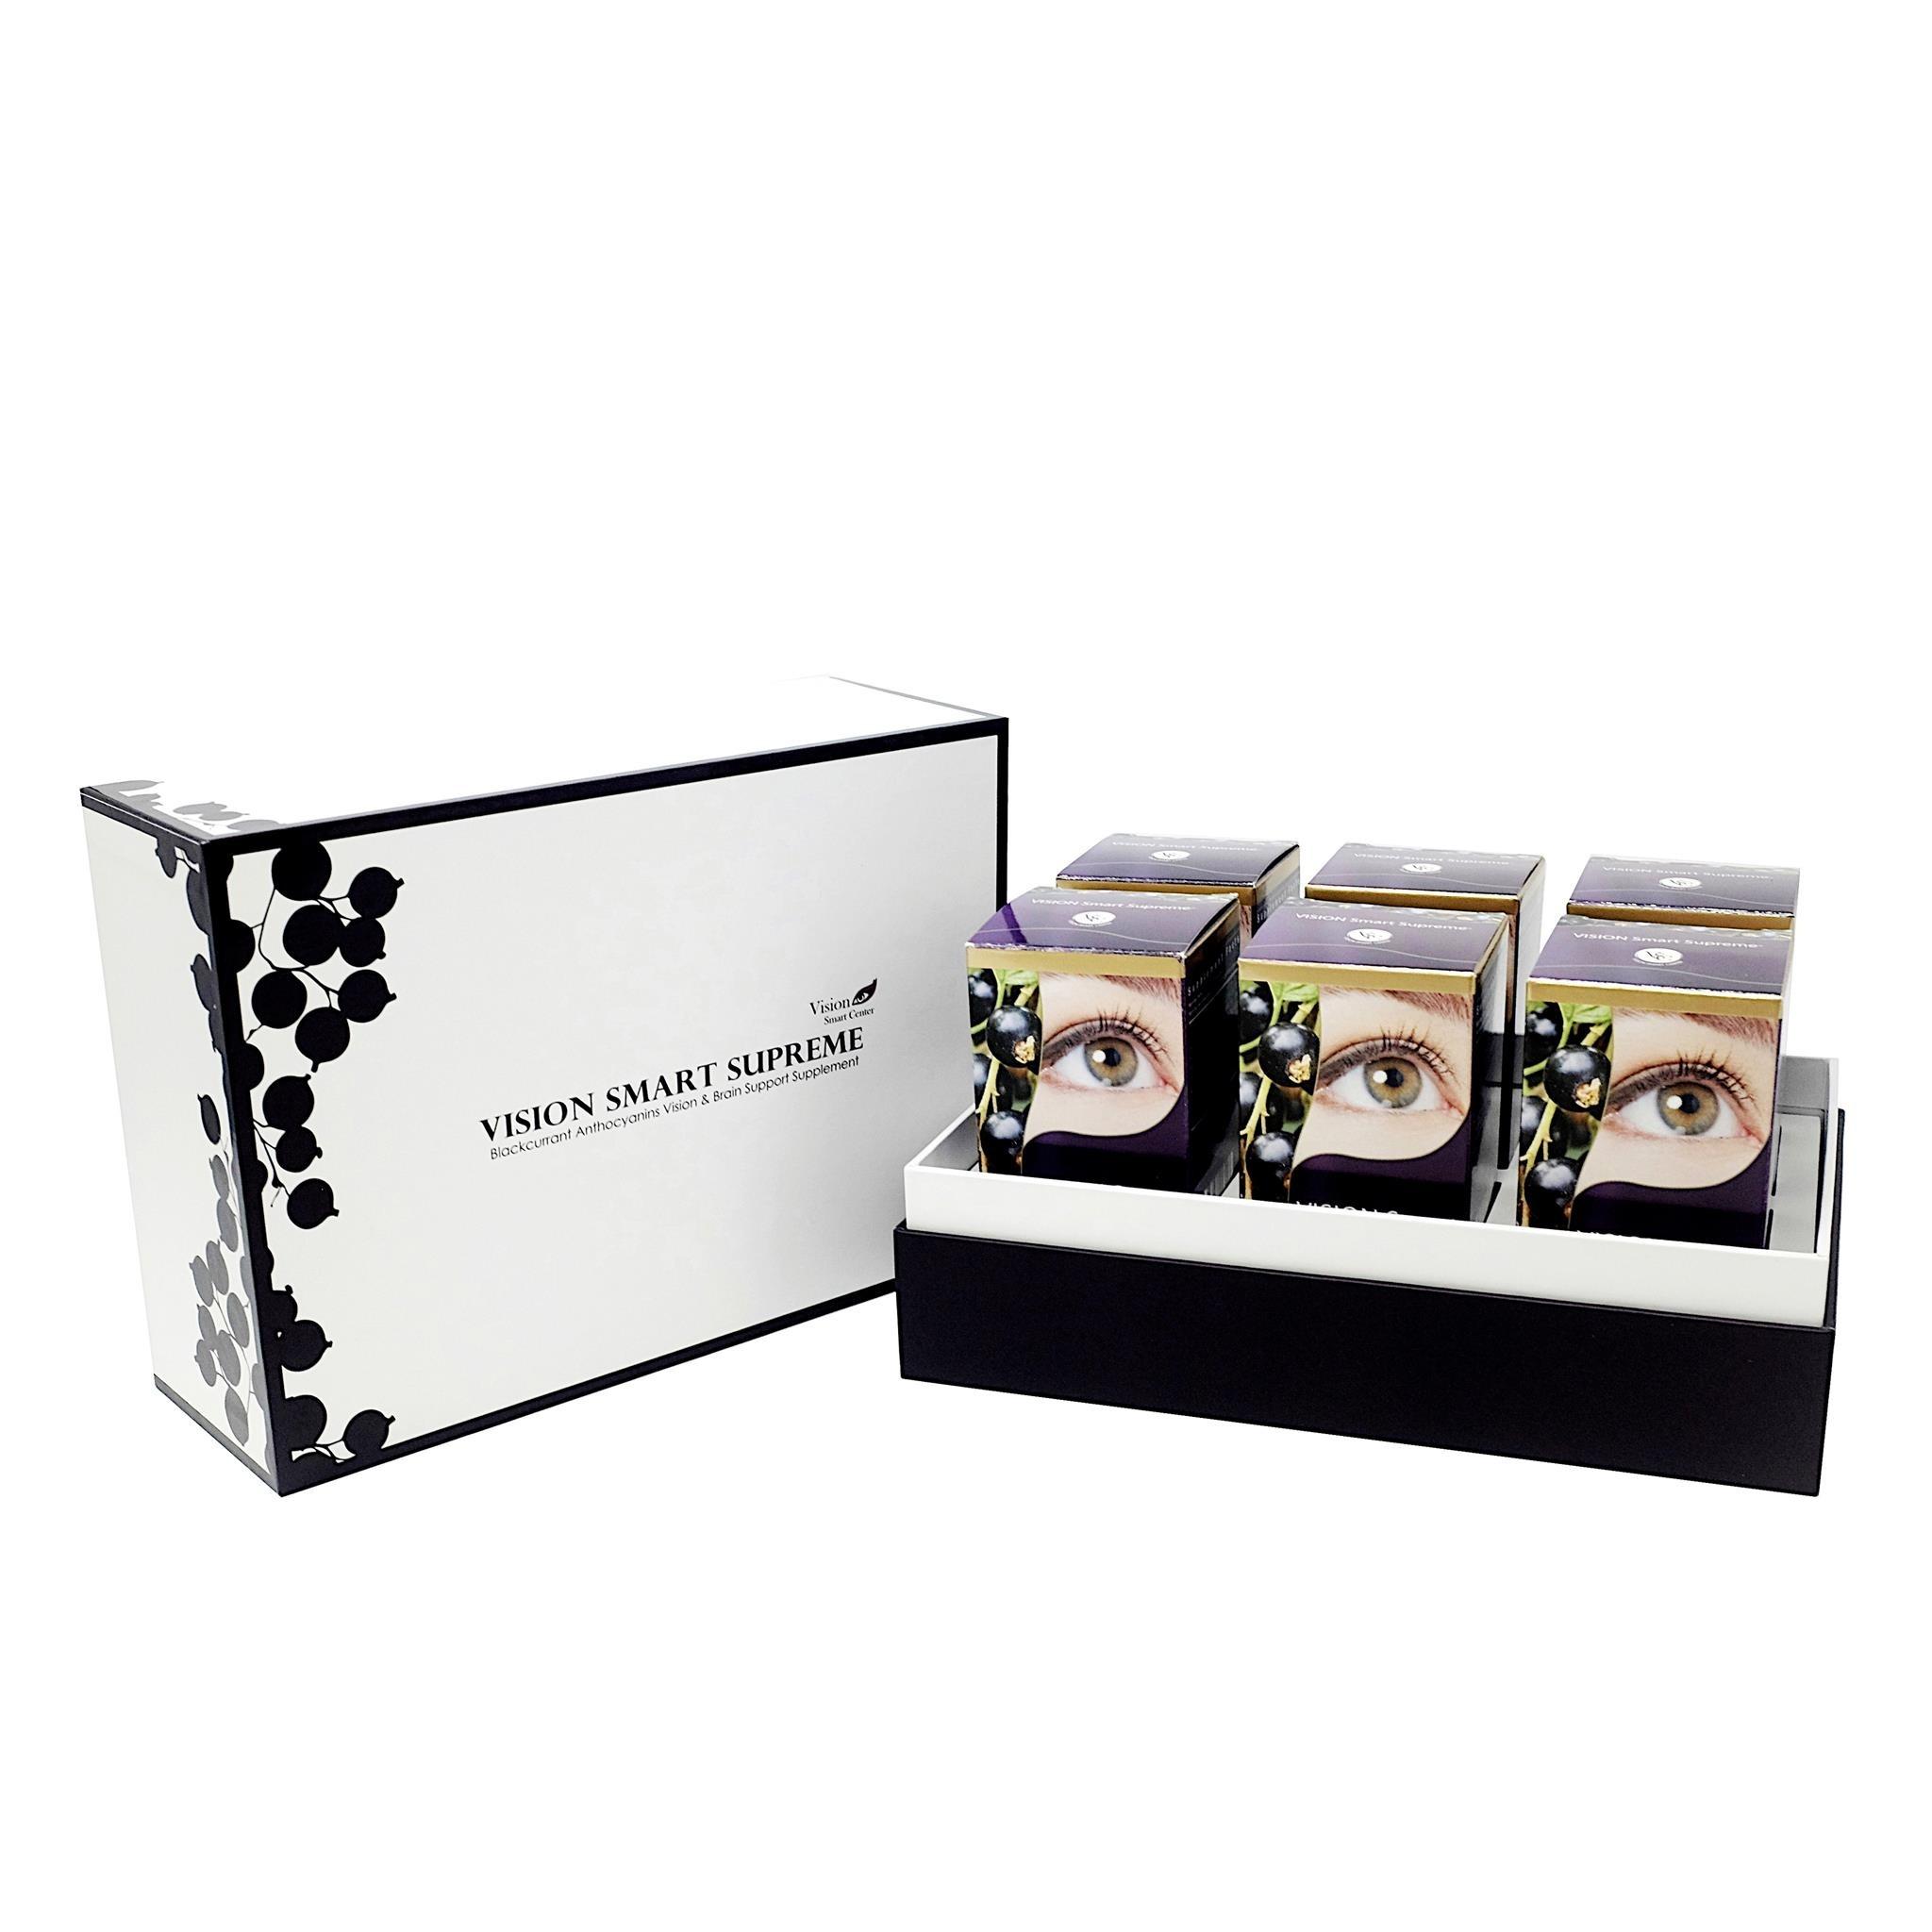 비전스마트슈프림 6-Bottle Special Set with gifts